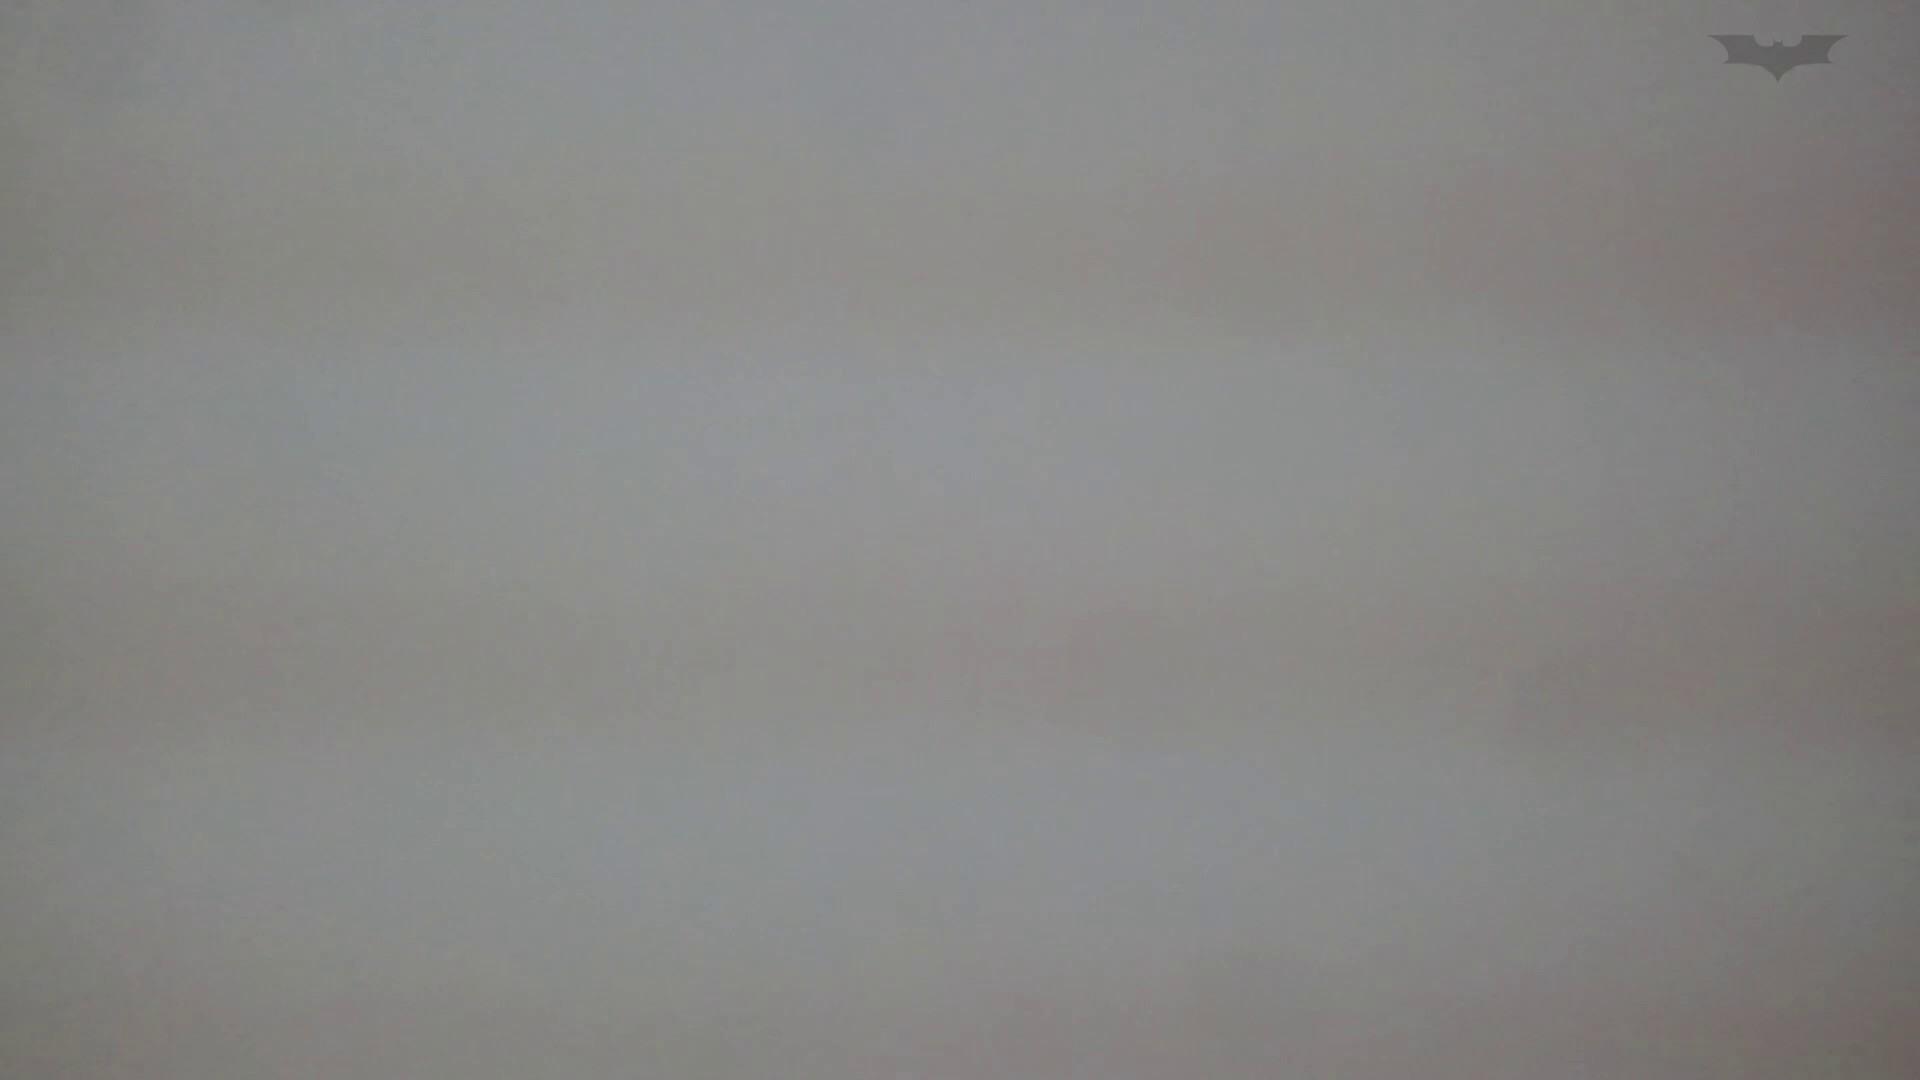 ▲復活限定▲化粧室絵巻 駅舎編 VOL.08 エッチすぎるOL達 | 期間限定  88連発 15